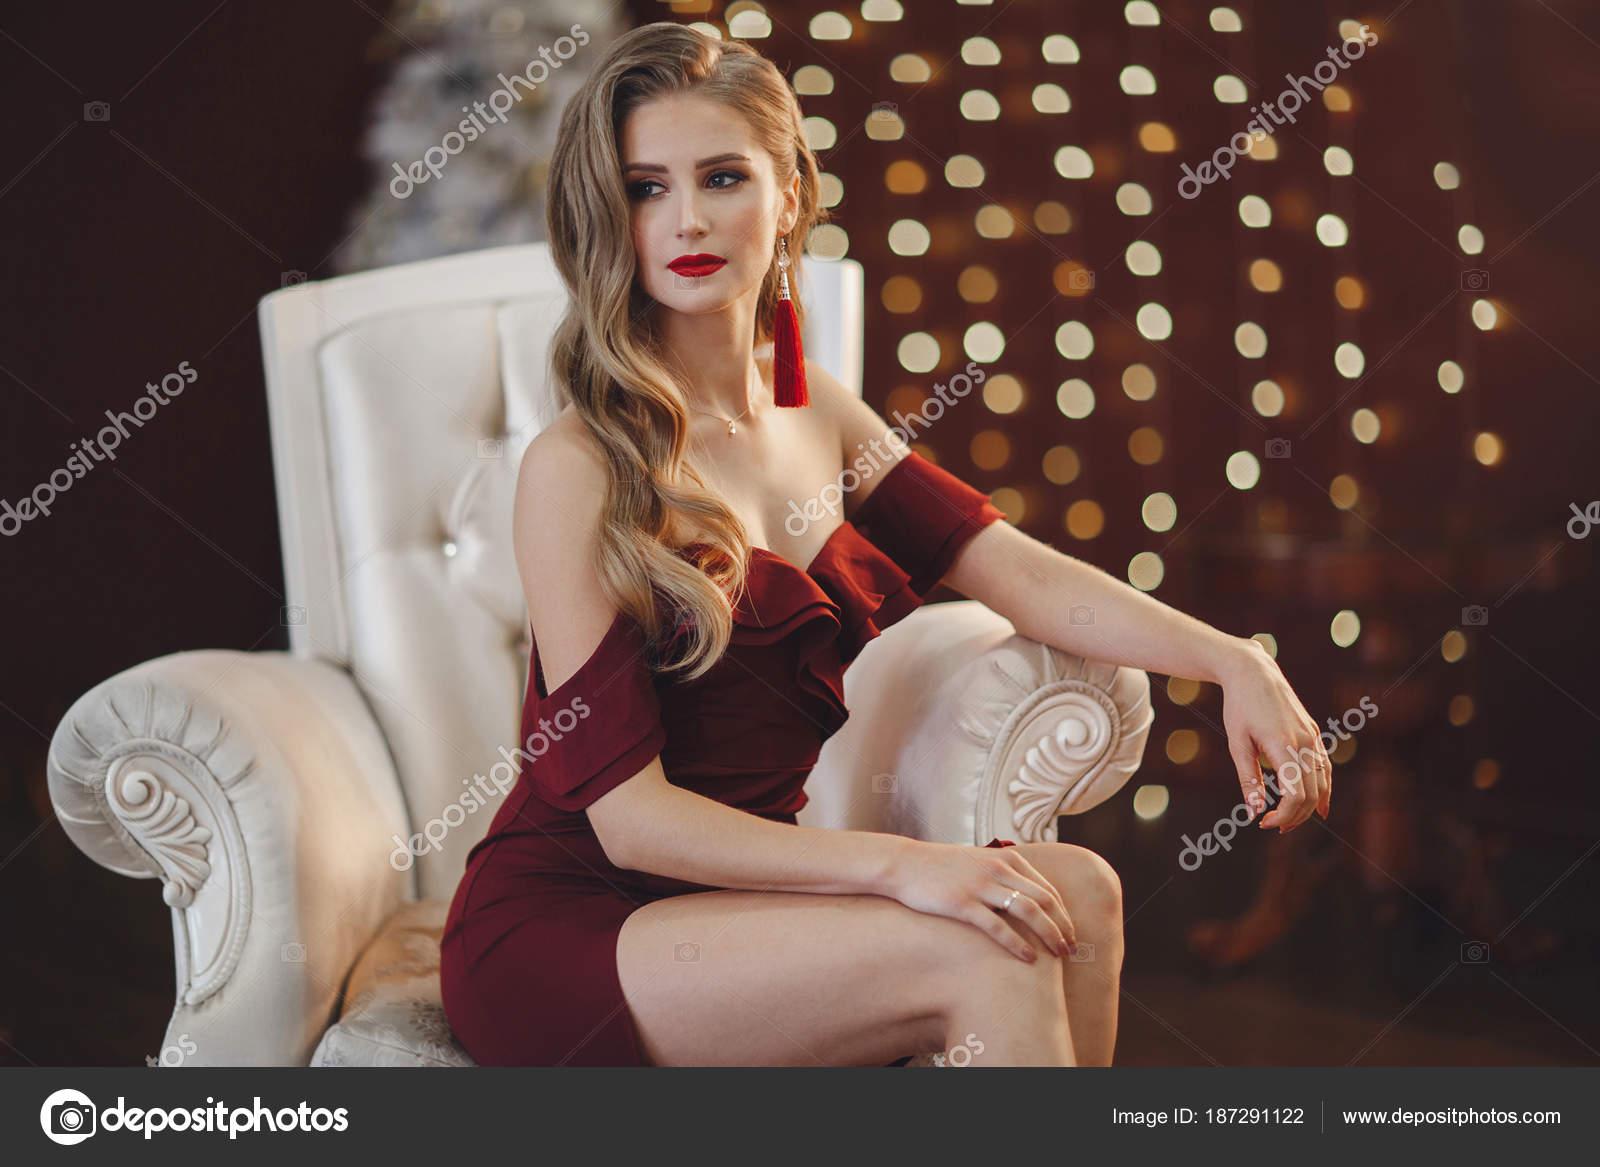 Сексуальная красота женщины